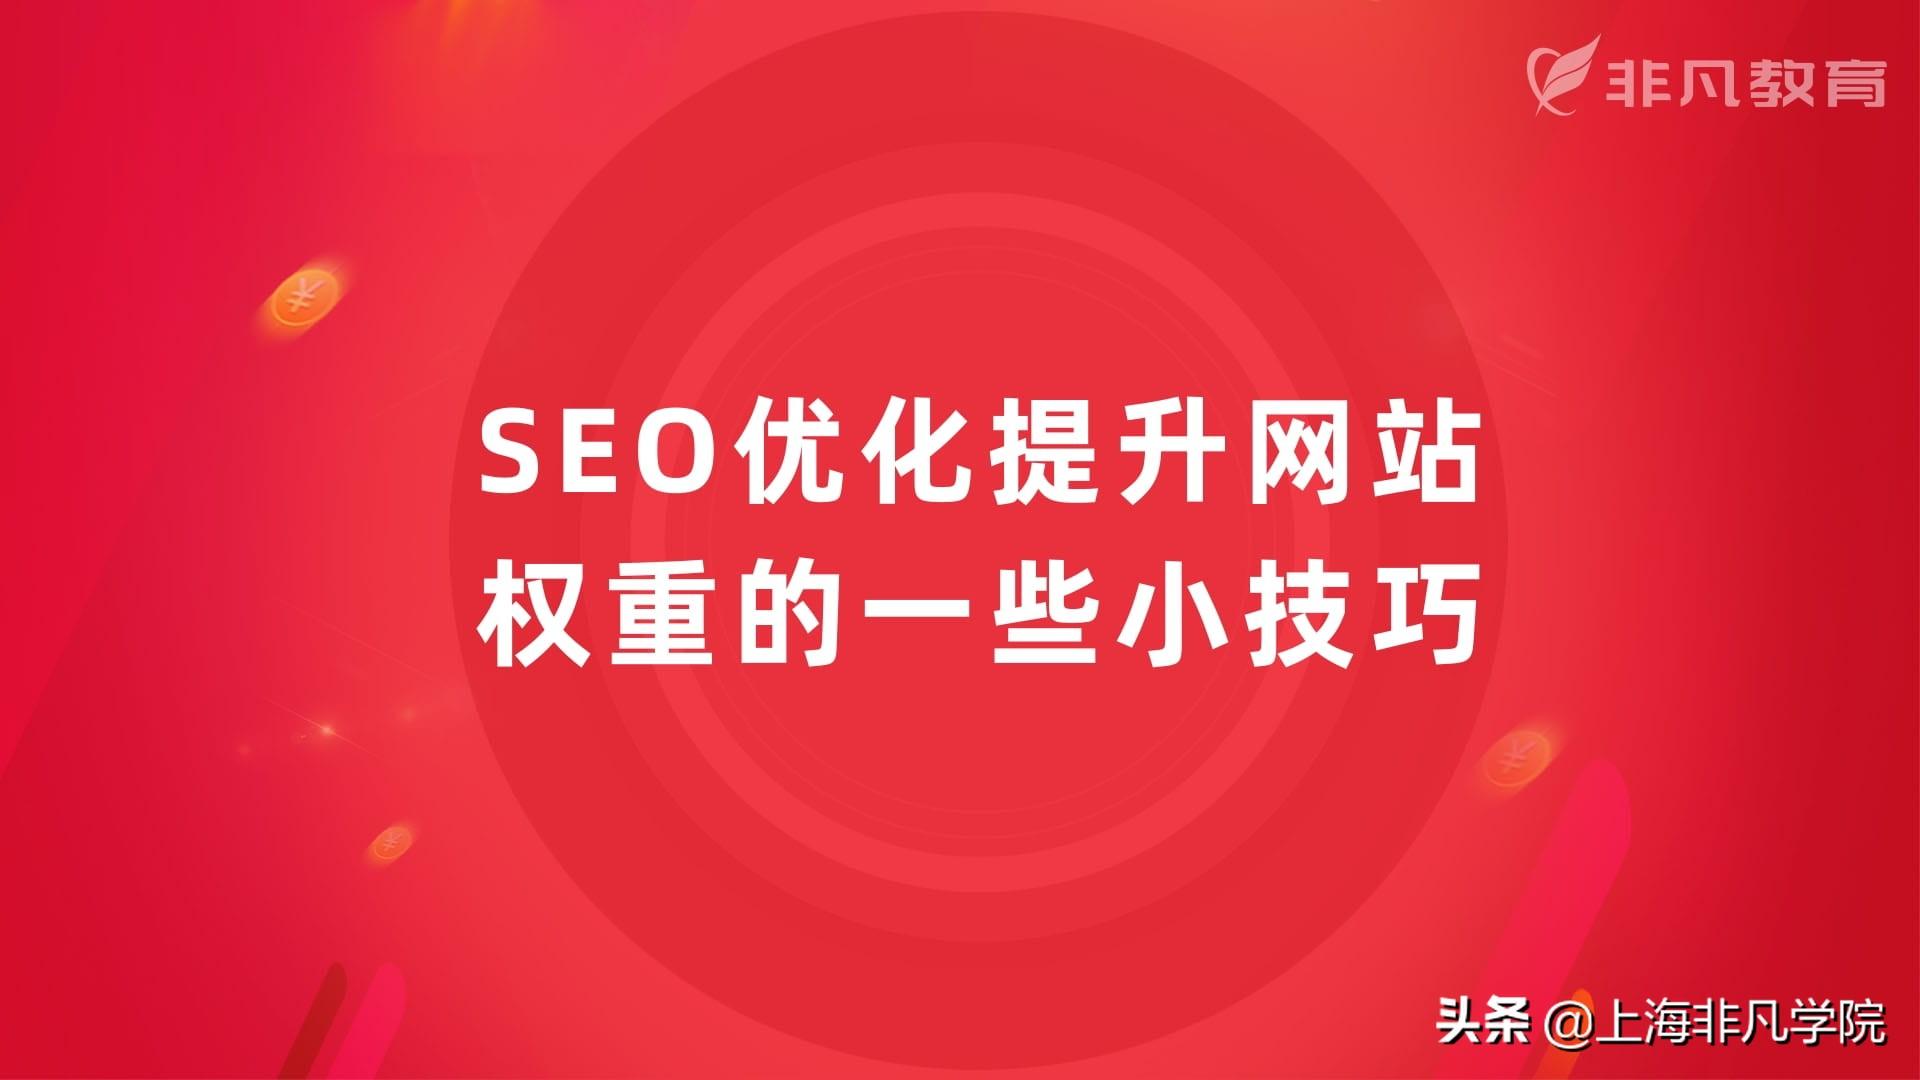 一些SEO优化小技巧提升网站网页权重